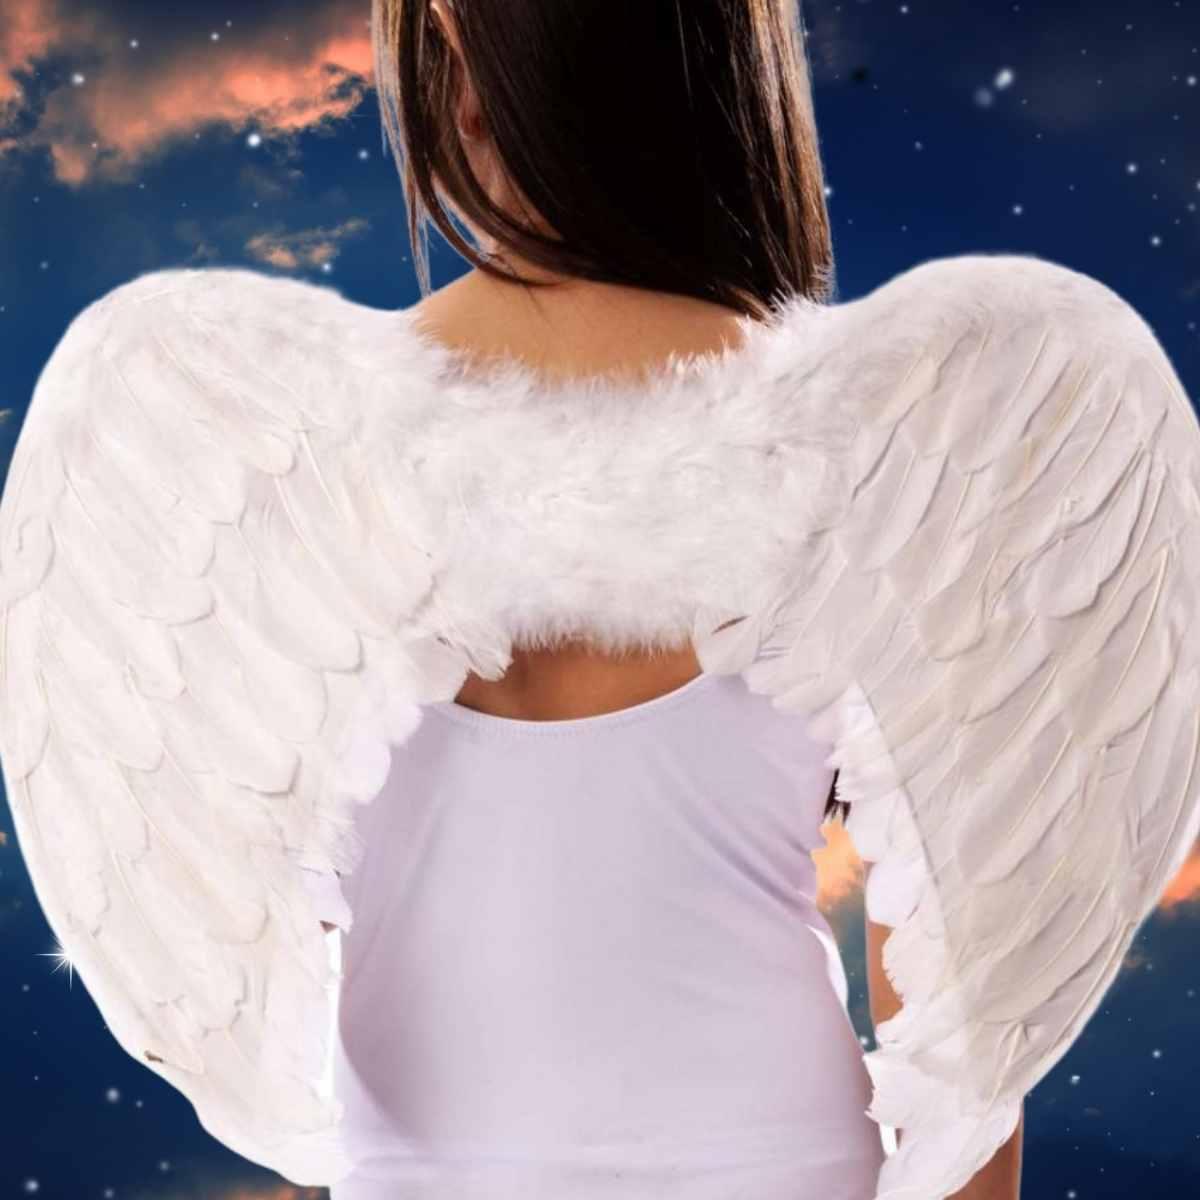 Kit Anjinha (Saia de Tule Branca Adulto + Suspensório Branco + Tiara Anjo com Aureola + Asa de Anjo Branca Pequena)